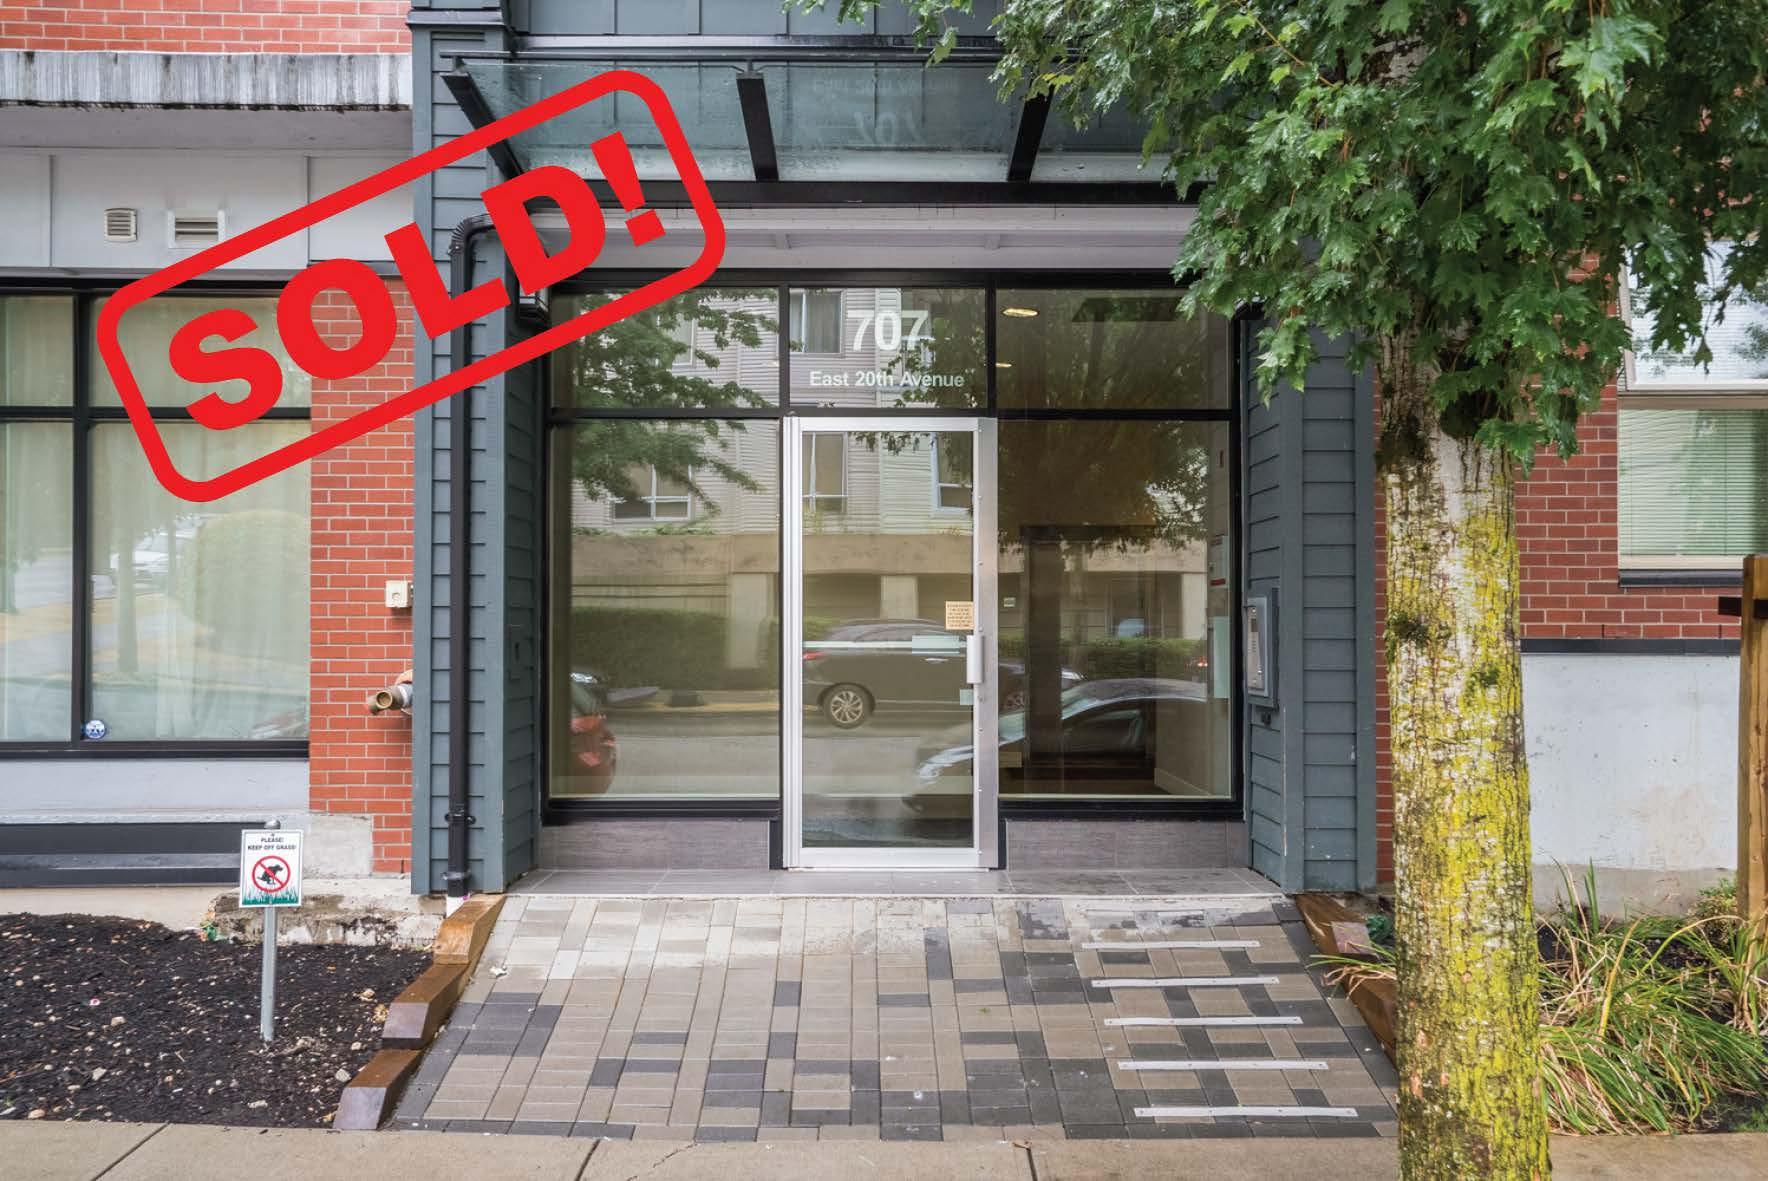 301-707 E. 20th Avenue   sold for: $523,000  1 Bed | 1 Bath | 612 SF